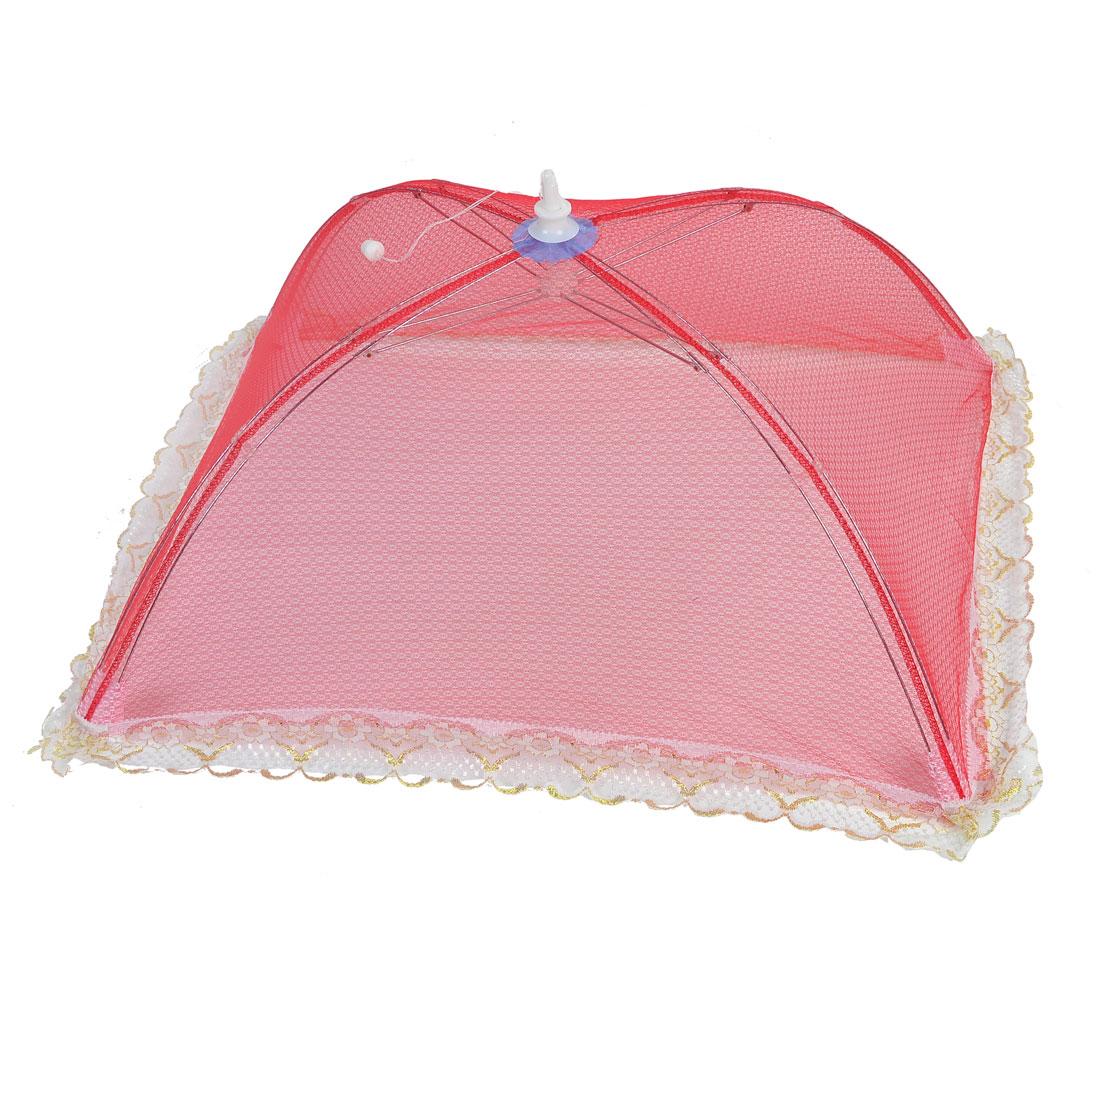 Outdoor Picnic White Lace Decor Red Umbrella Design Food Cover Tent